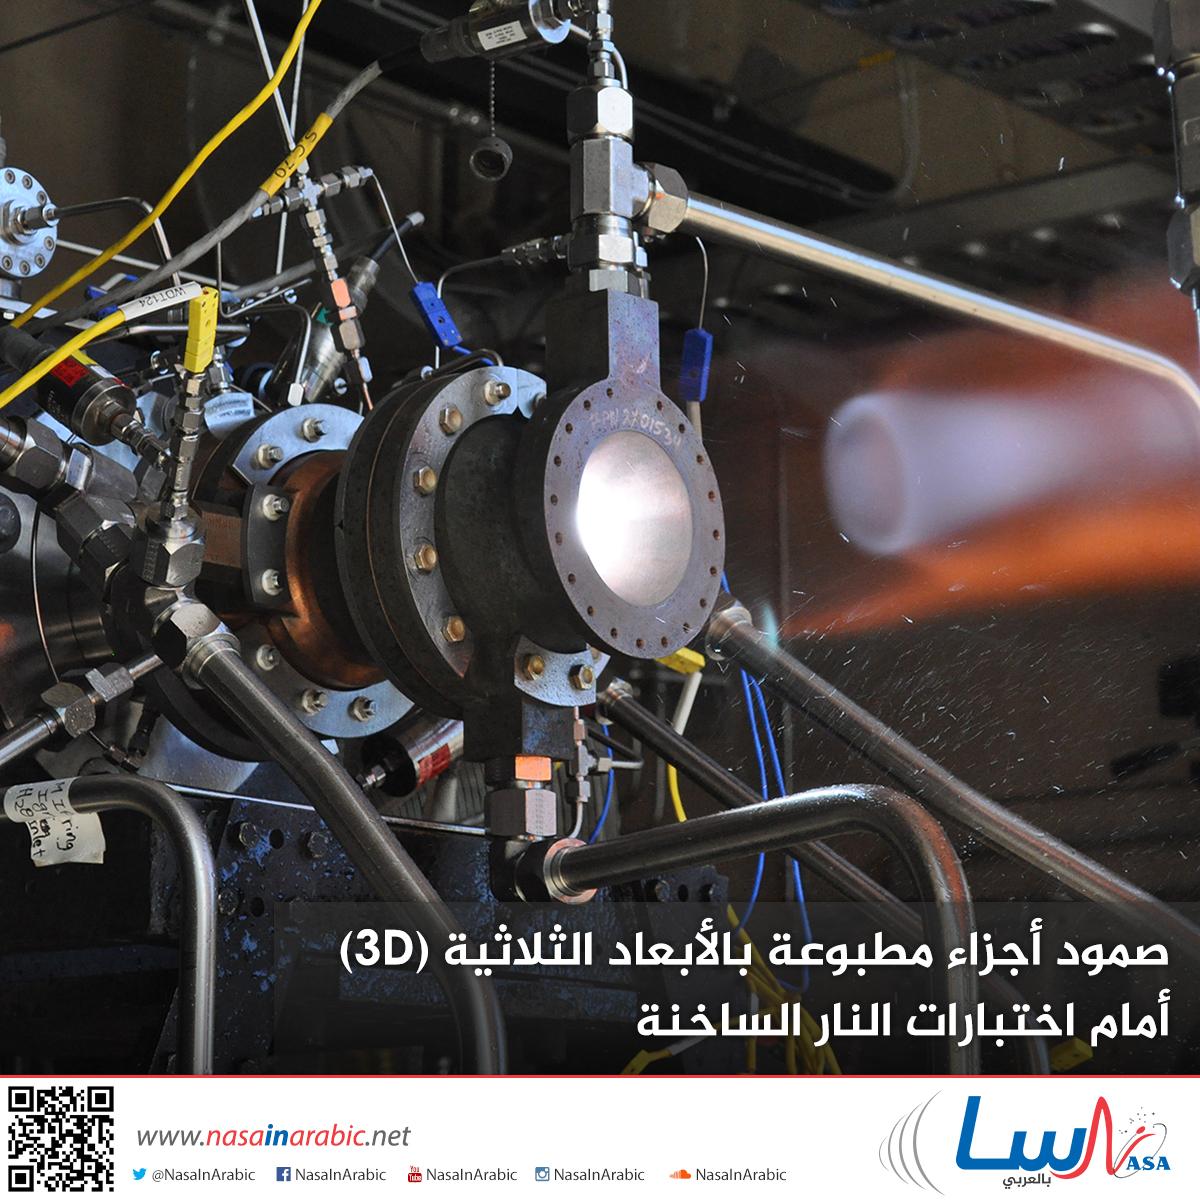 صمود أجزاء مطبوعة بالأبعاد الثلاثية (3D) أمام اختبارات النار الساخنة